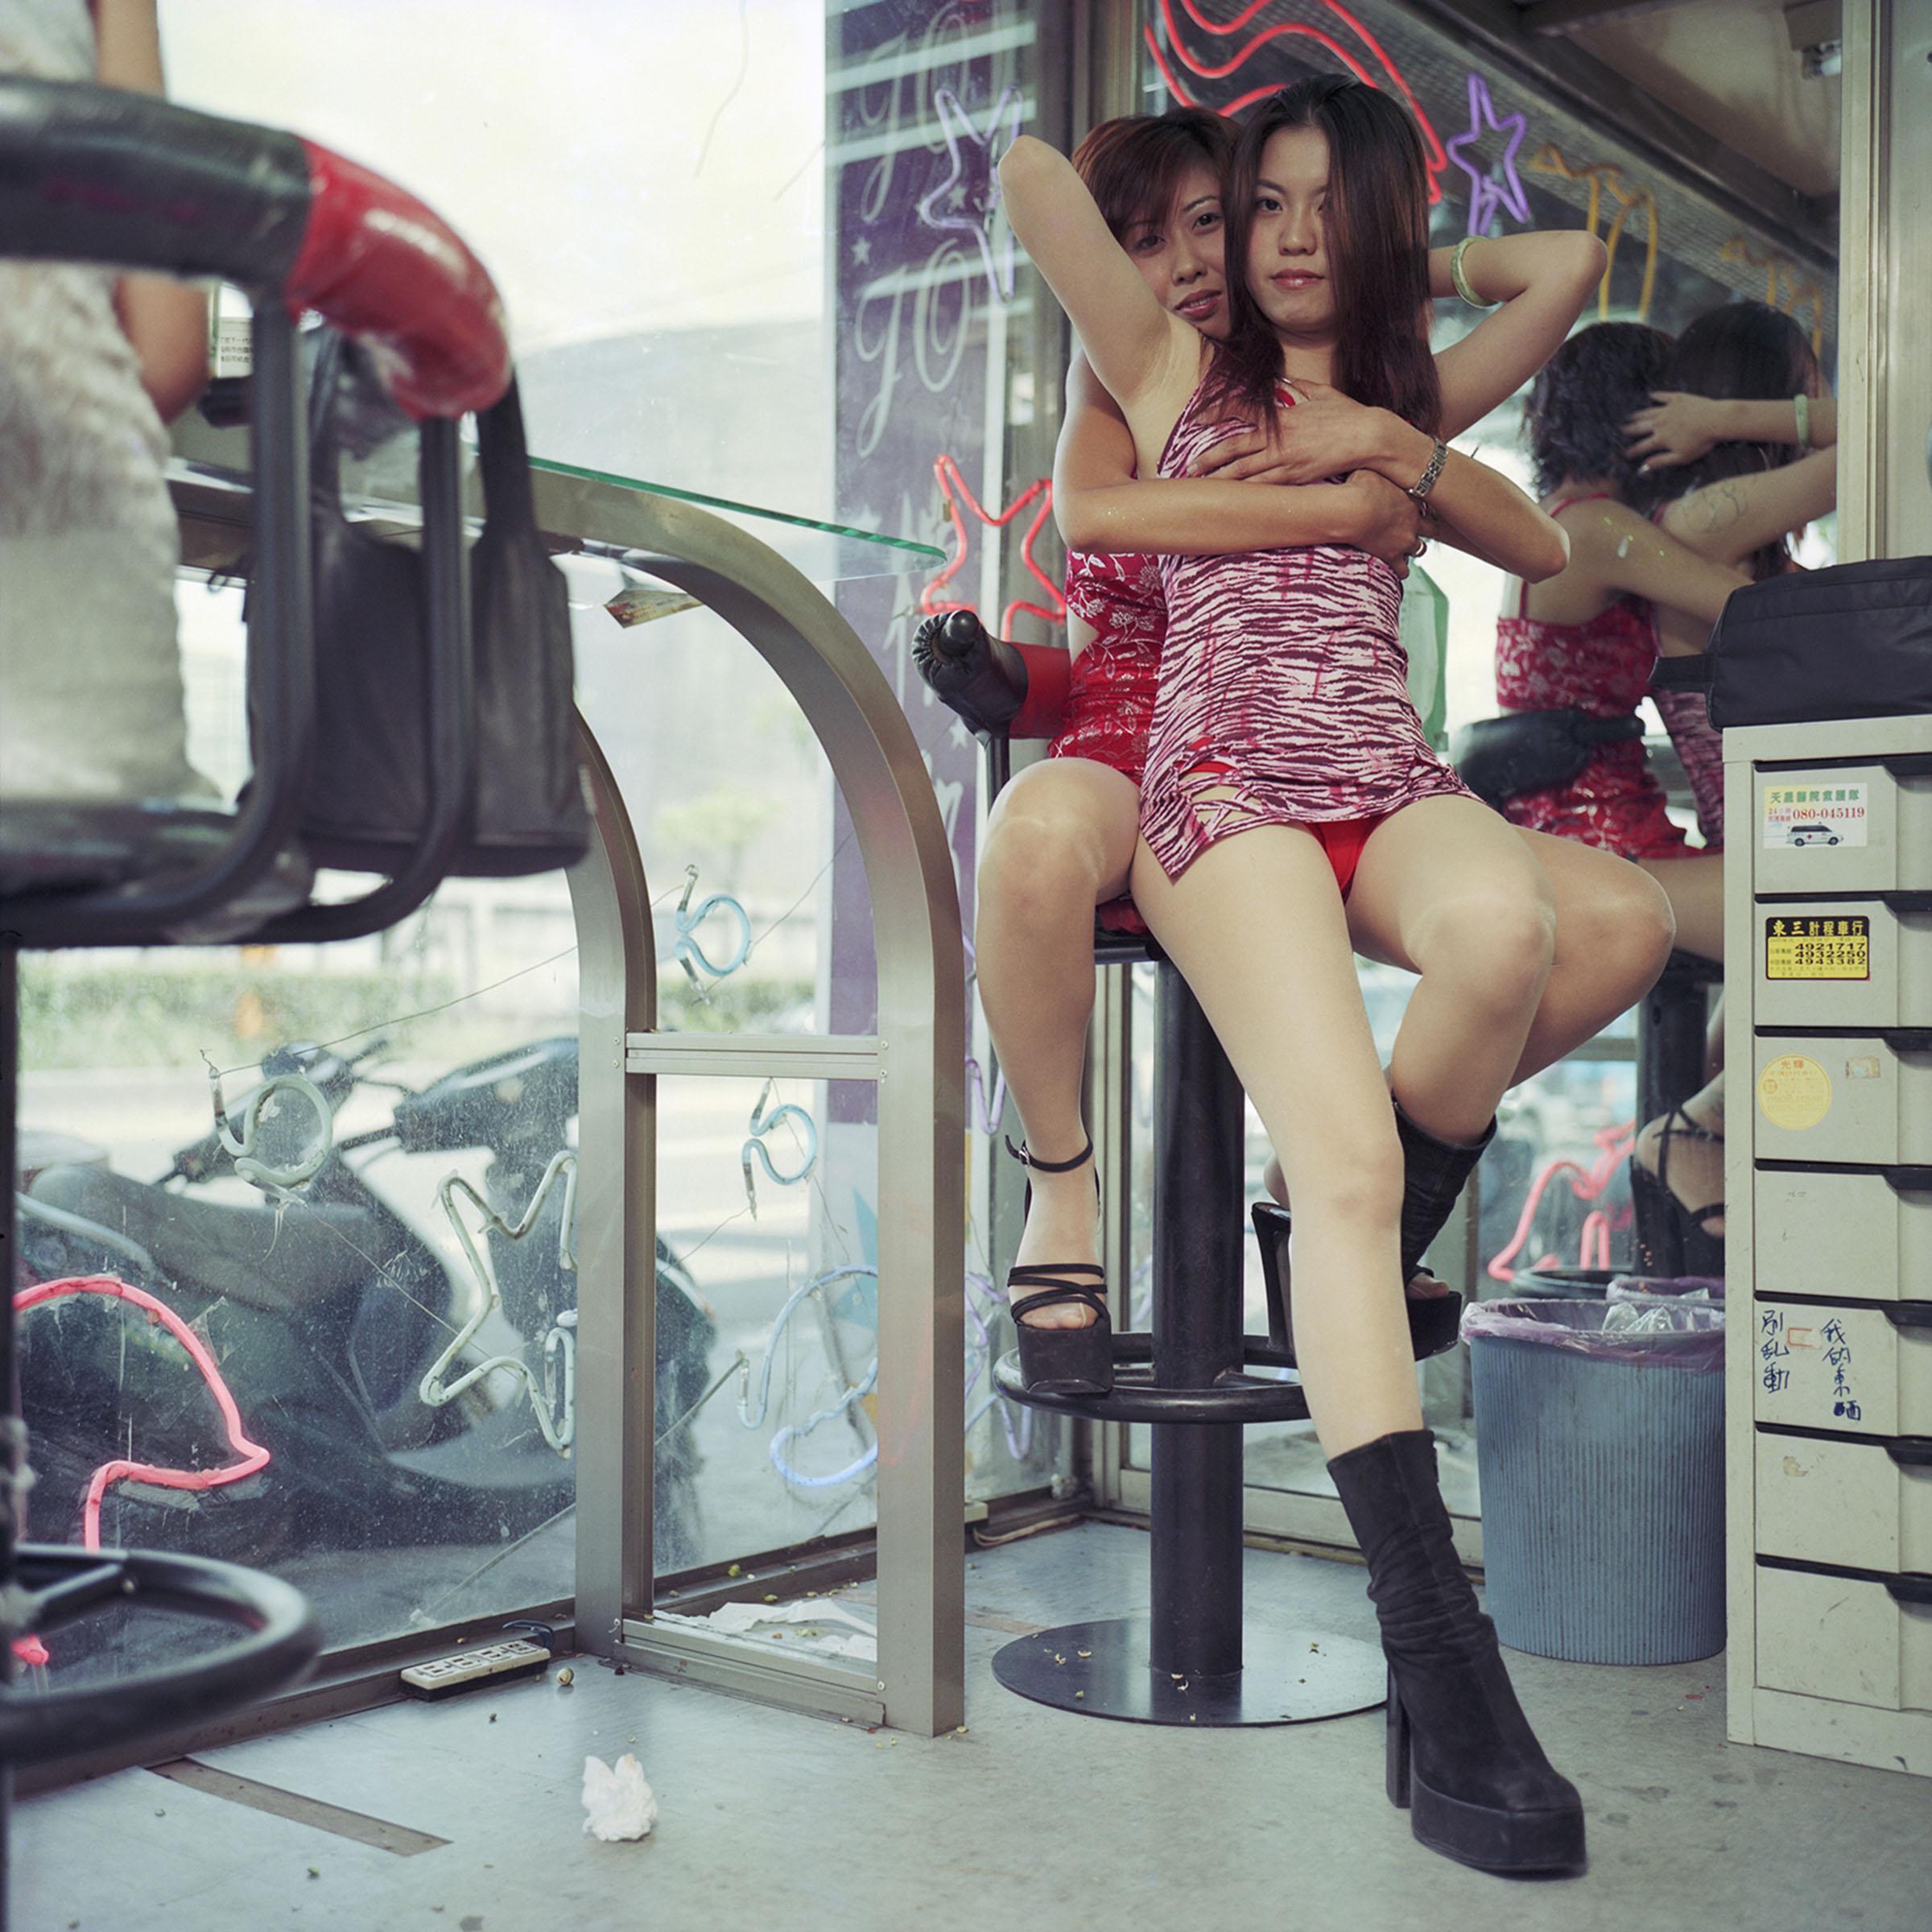 片刻濃妝:檳榔西施 | 台灣當代藝術資料庫